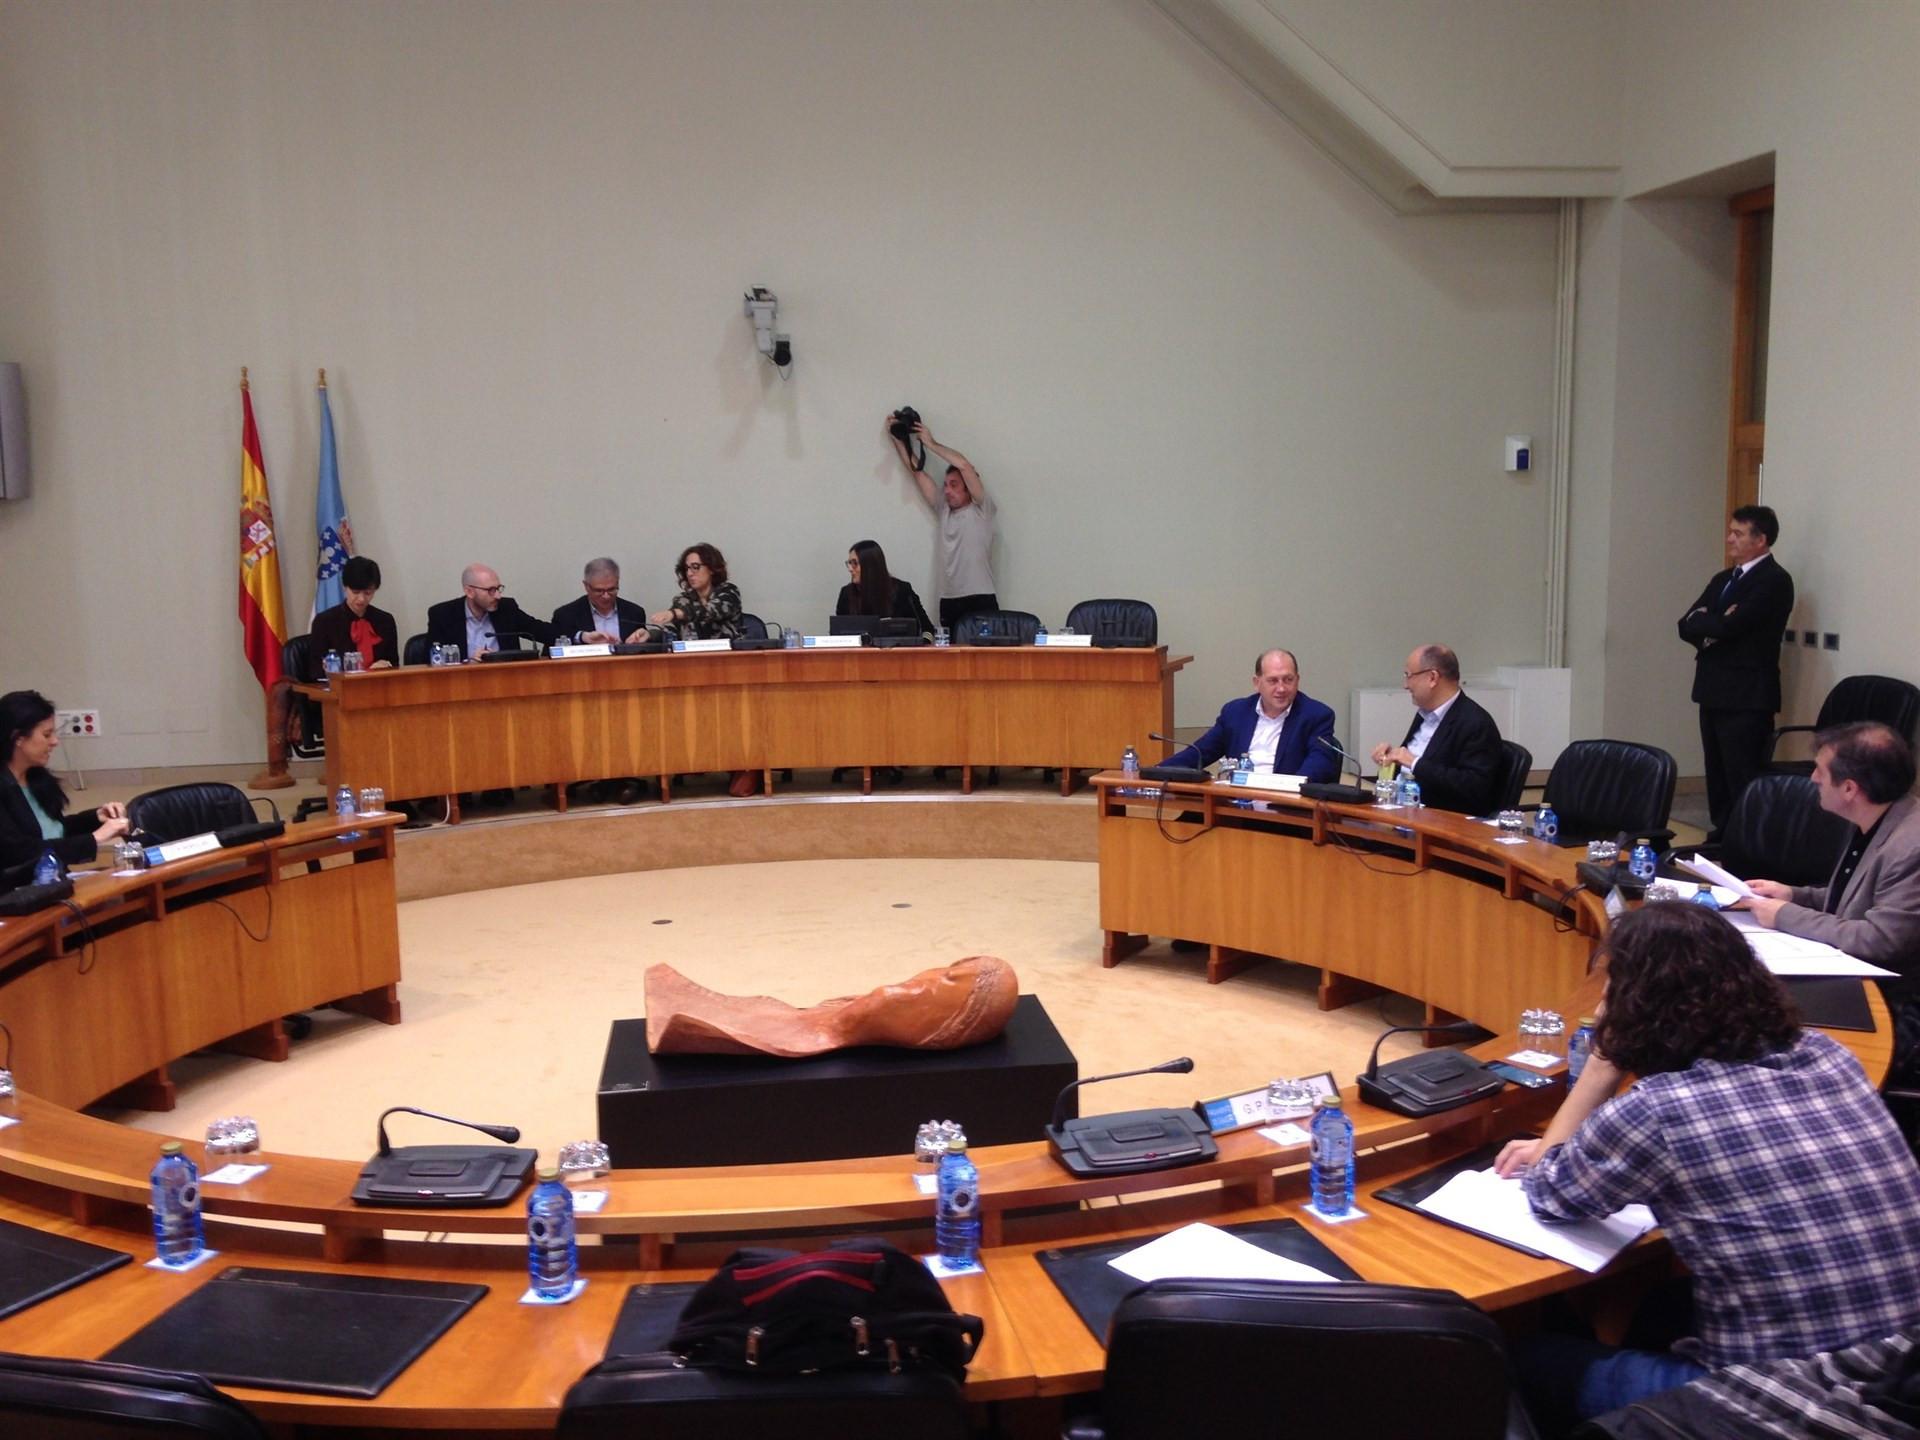 Comisionparlamentocajas